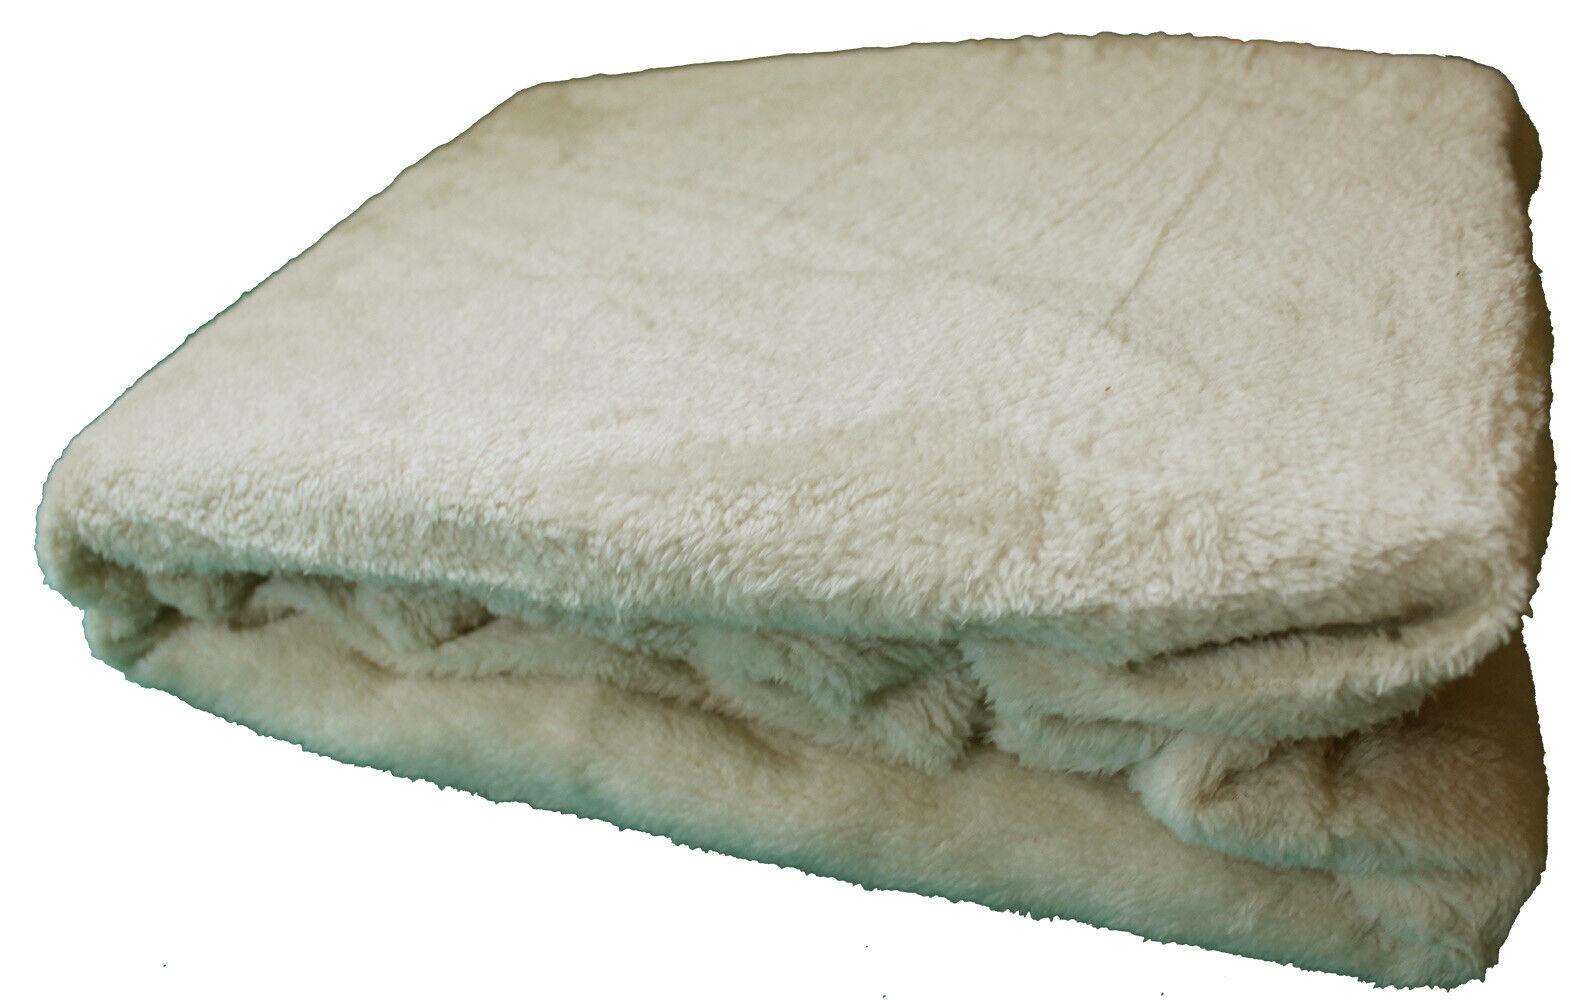 Luxus Teddy Spannbettlaken 90-100x200cm, creme, Flausch Plüsch Fleece Nicky Soft